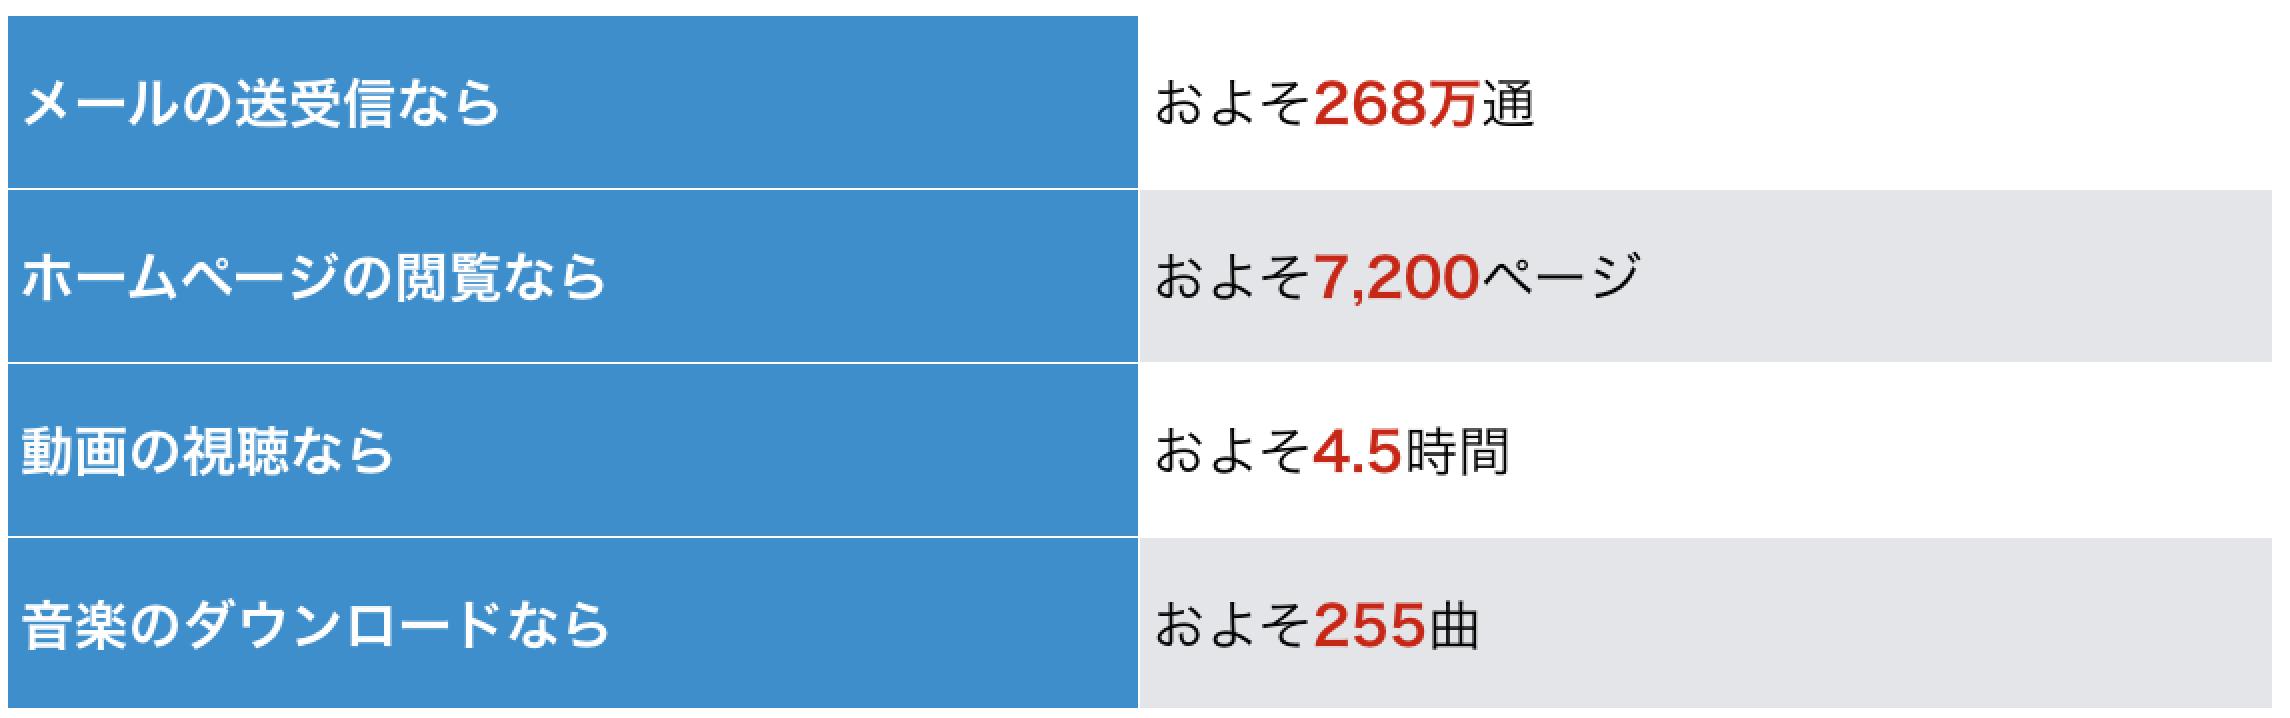 スクリーンショット 2015-06-03 22.32.11